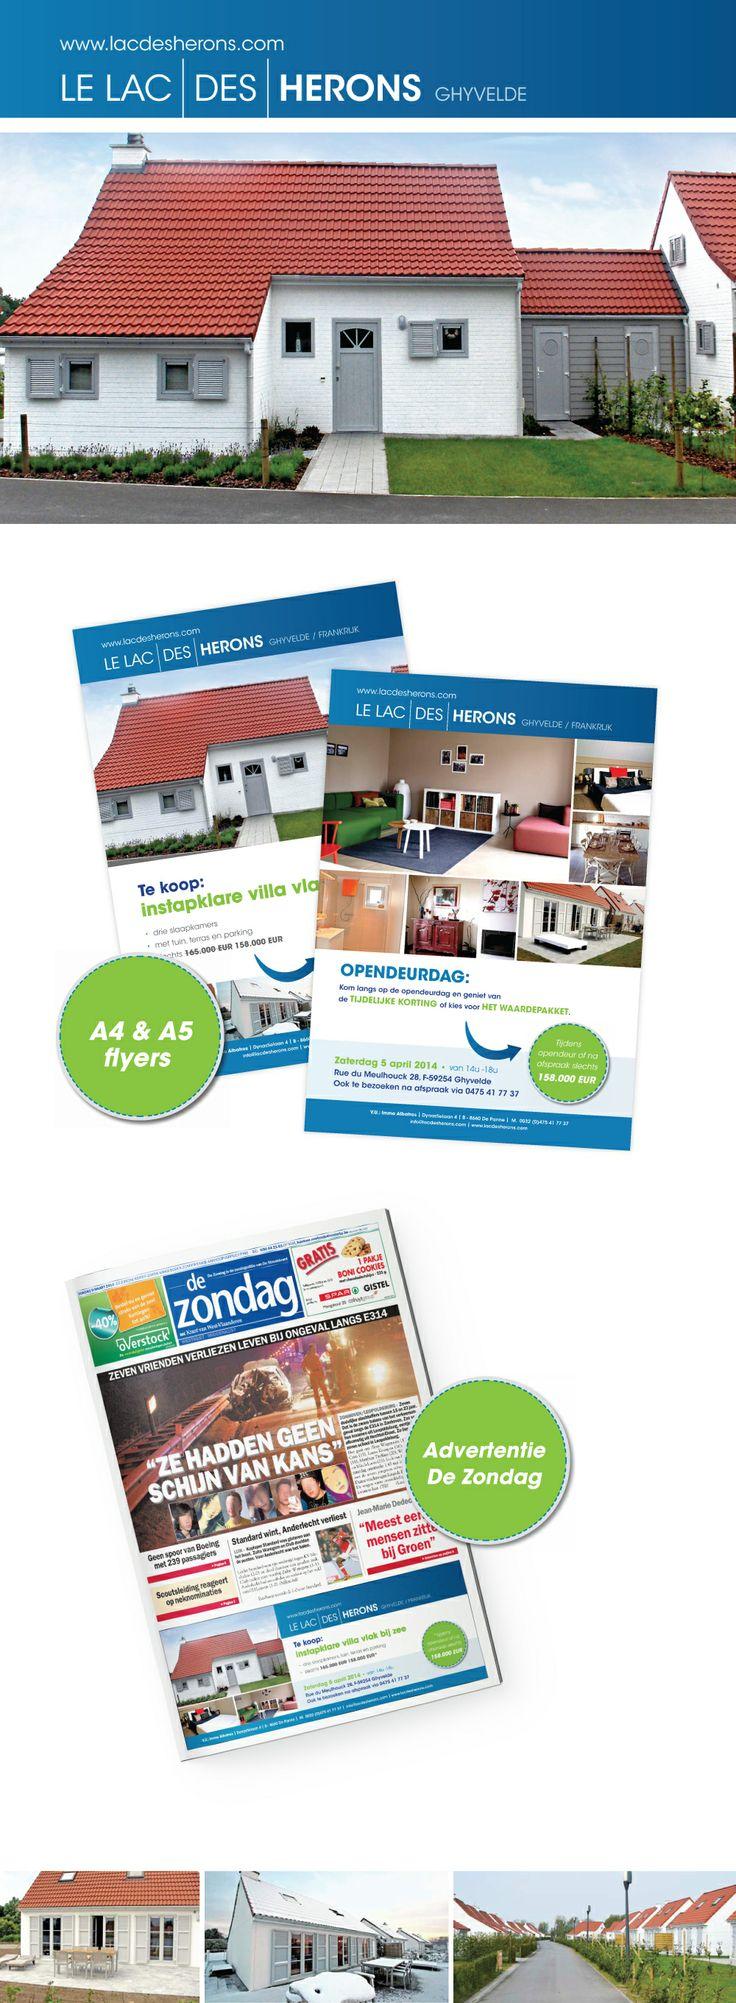 Communicatie voor de verkoop van de laaste 8 woningen. Dit door middel van een A5 flyers, A4 affiches, advertenties in de Zondag en Notimag.